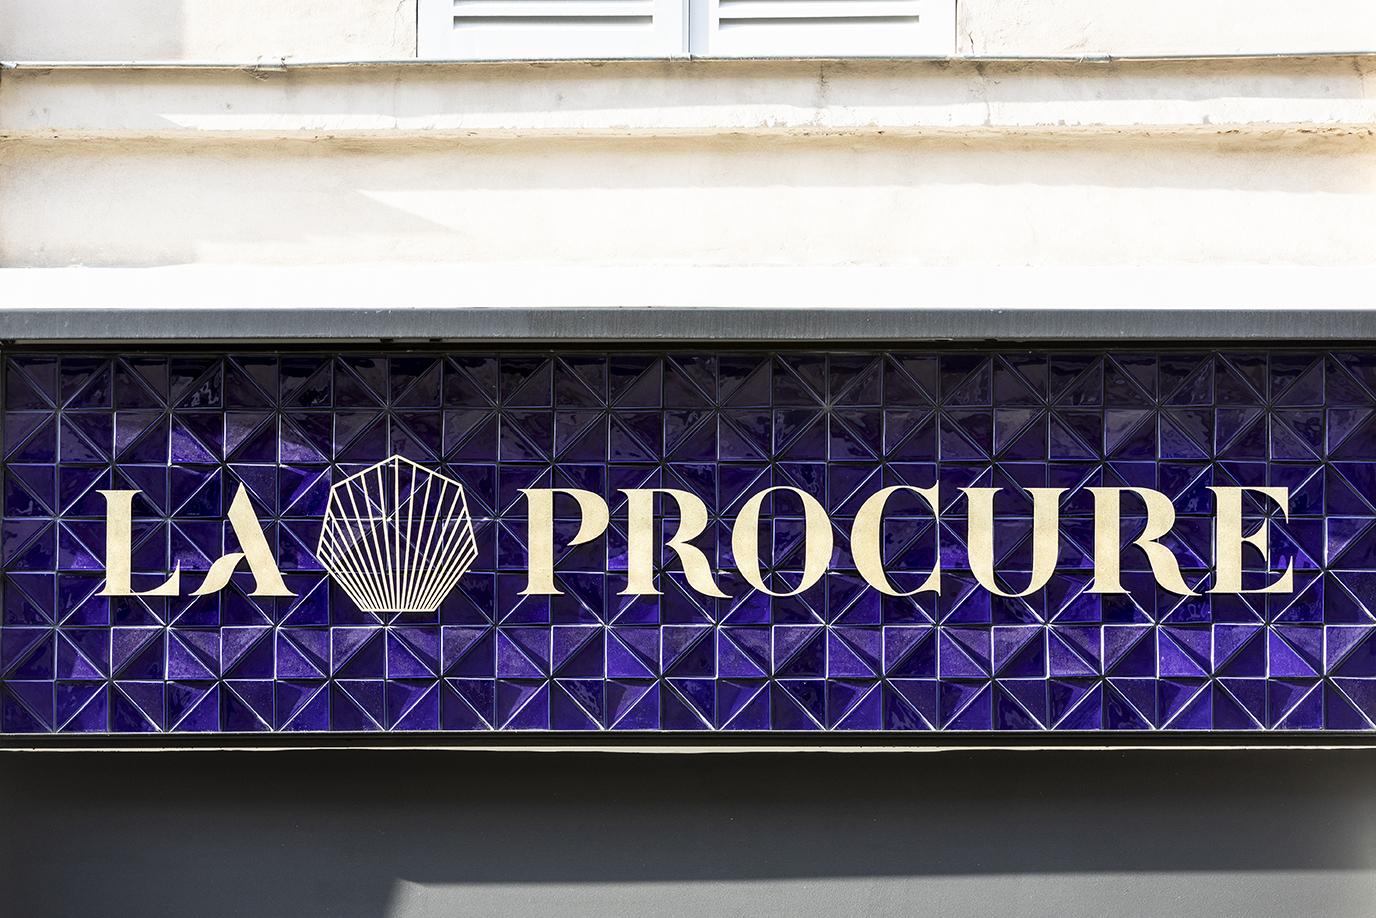 23.09.2019. Librairie La Procure, Paris. architecte: Gwenaelle Morice